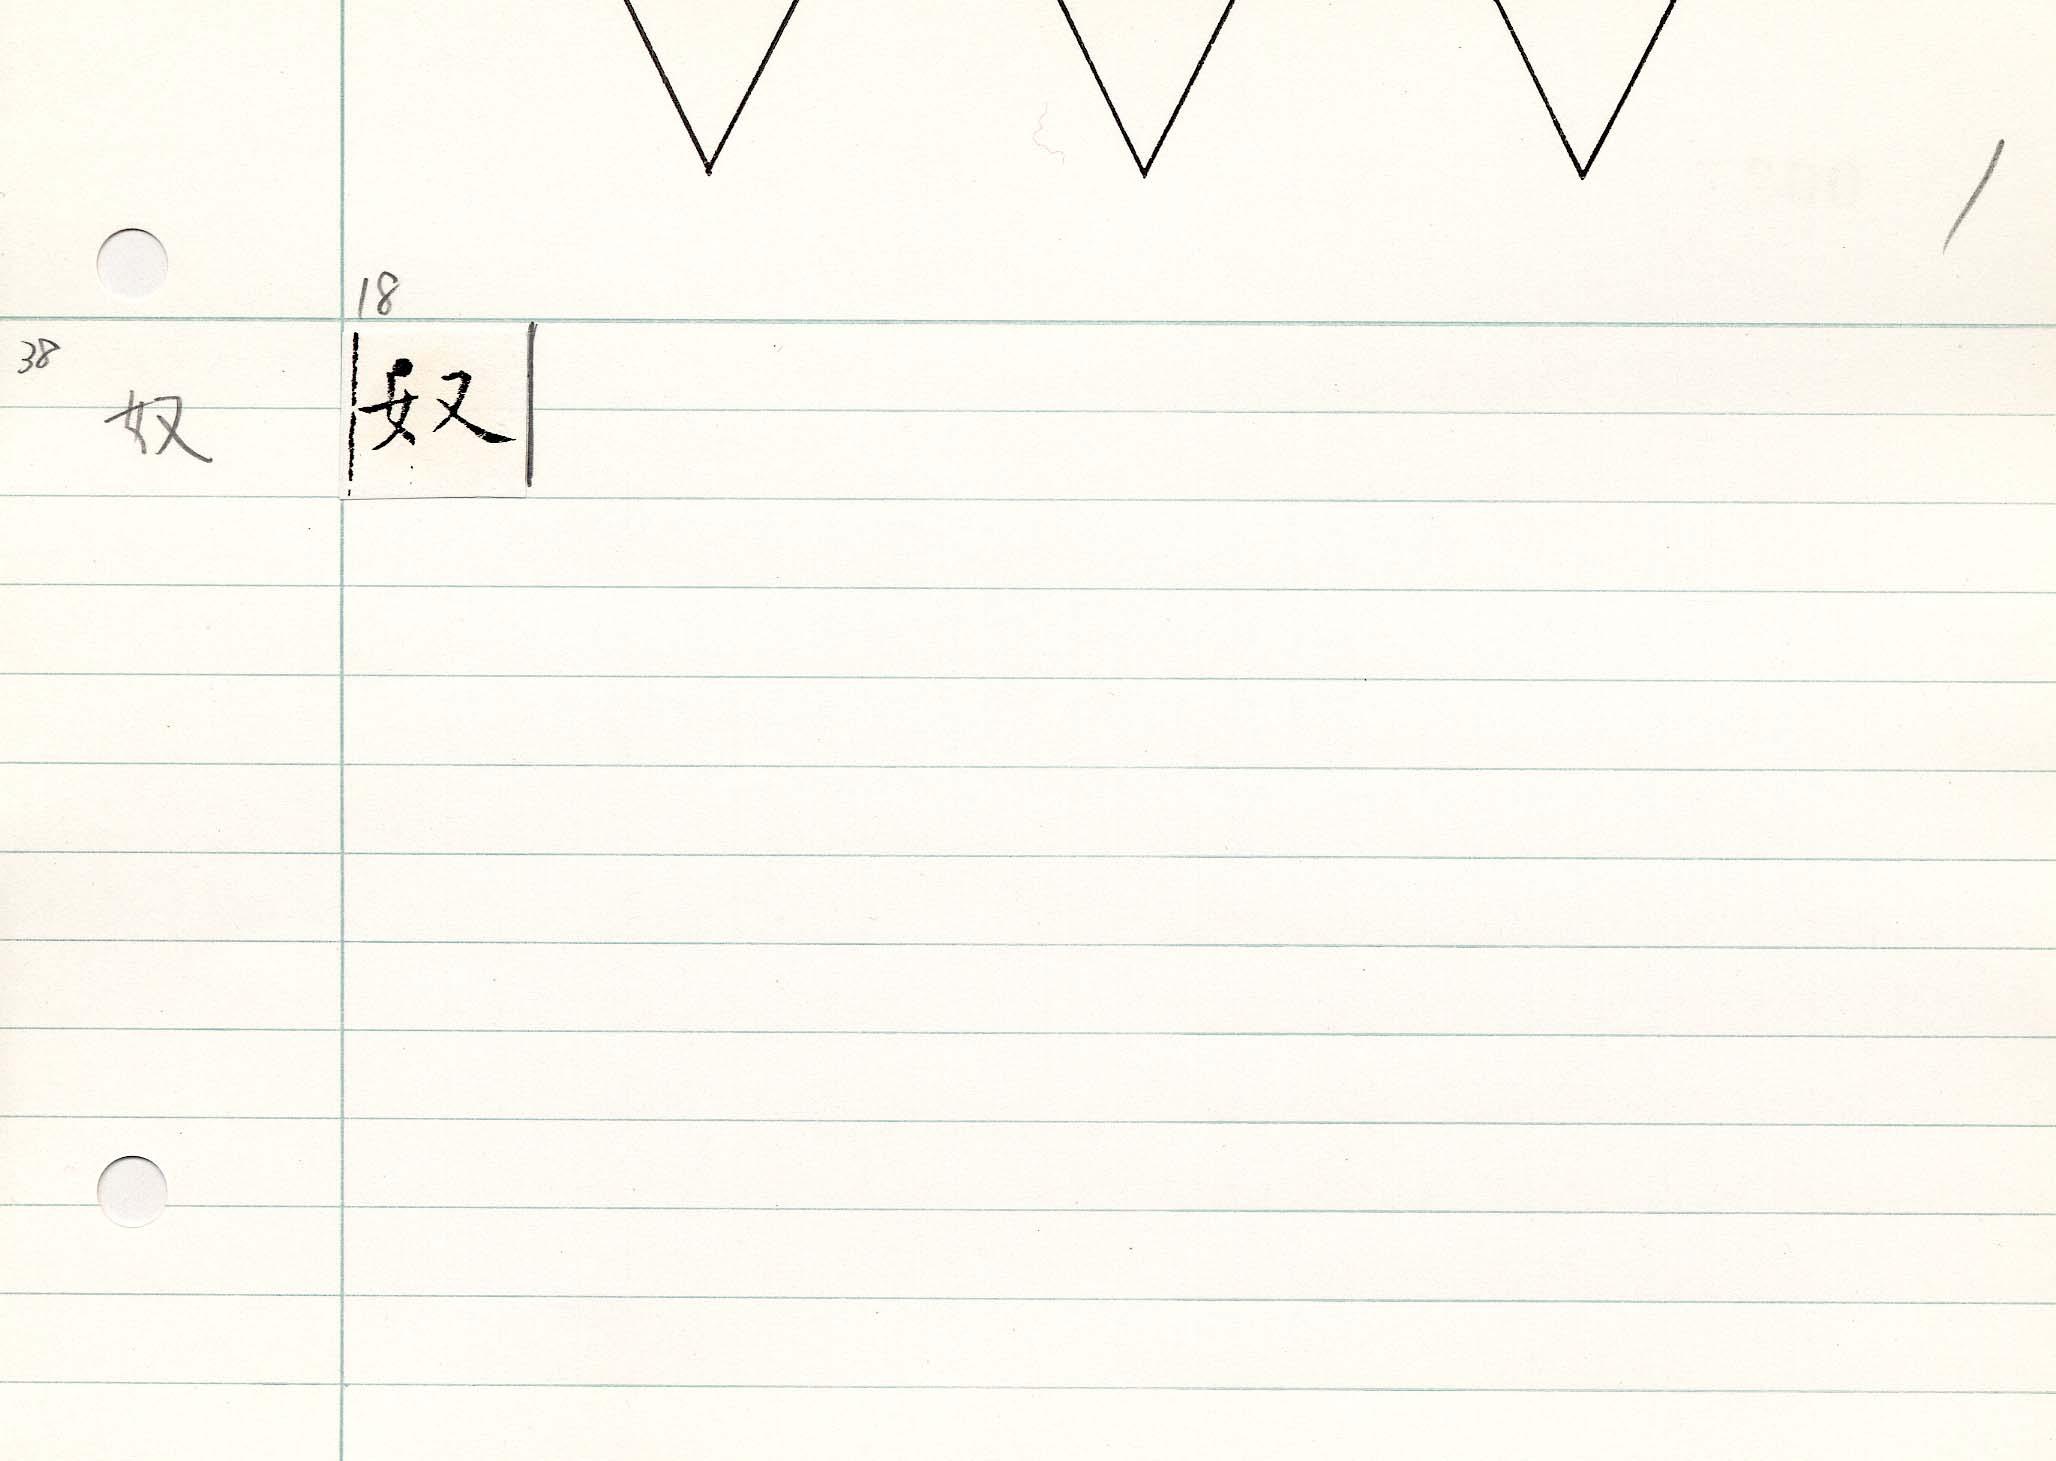 18_開成石經論語/cards/0087.jpg